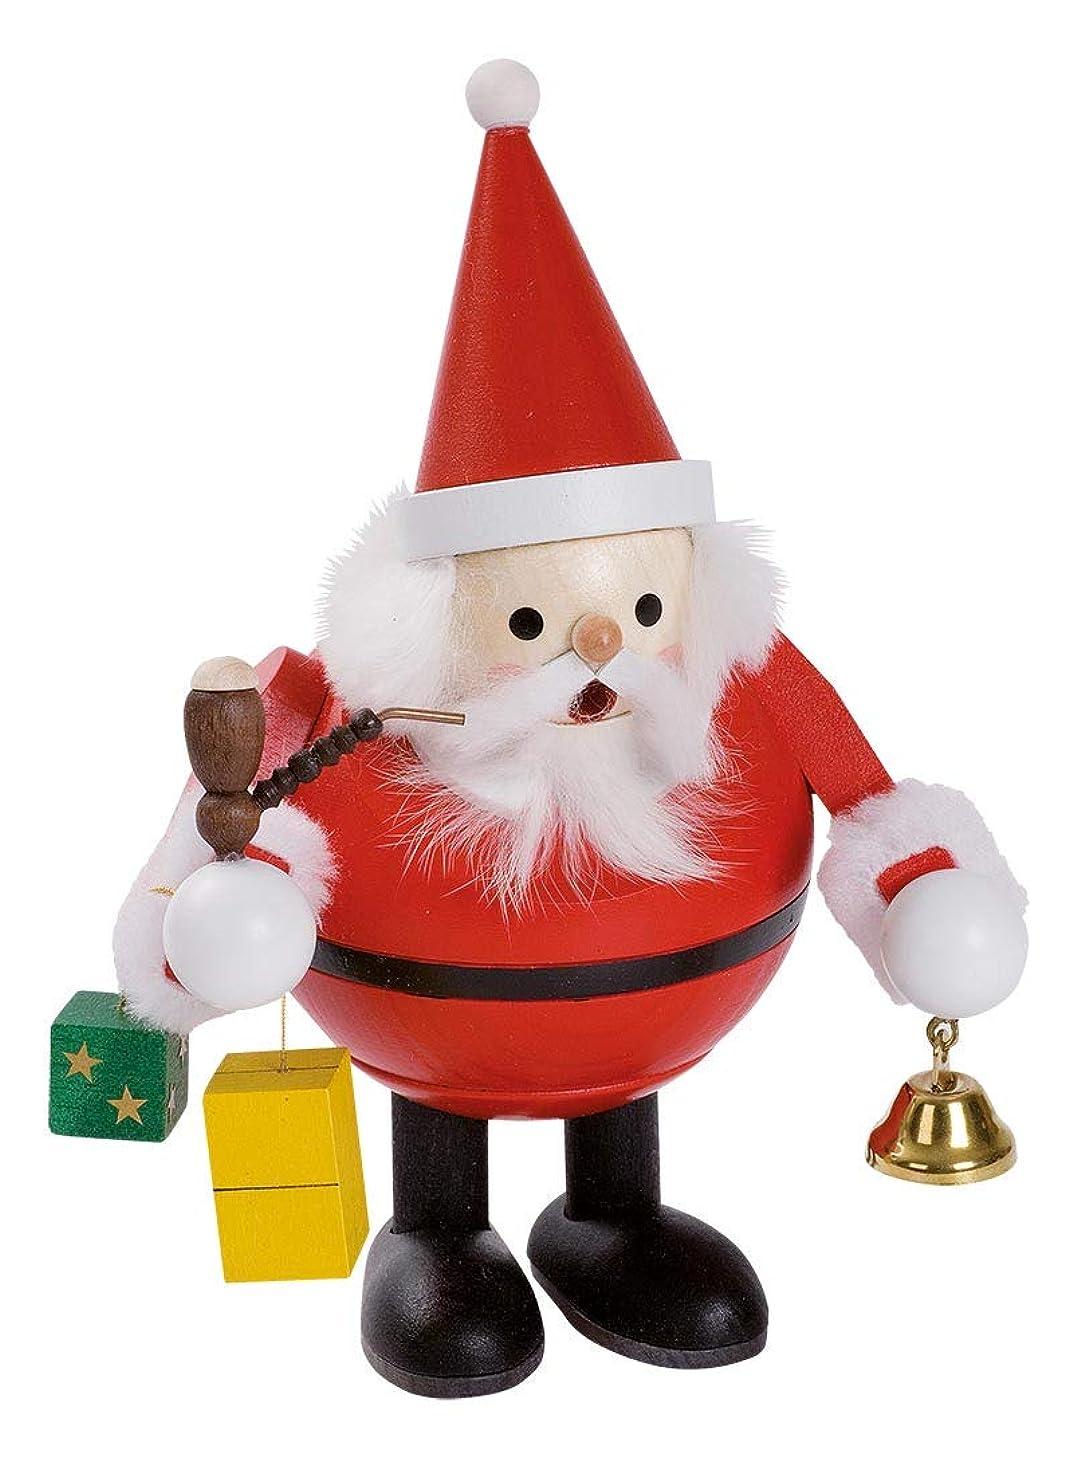 センター年金囲むSanta Claus with Bell and presents German木製クリスマスIncense Smokerドイツ